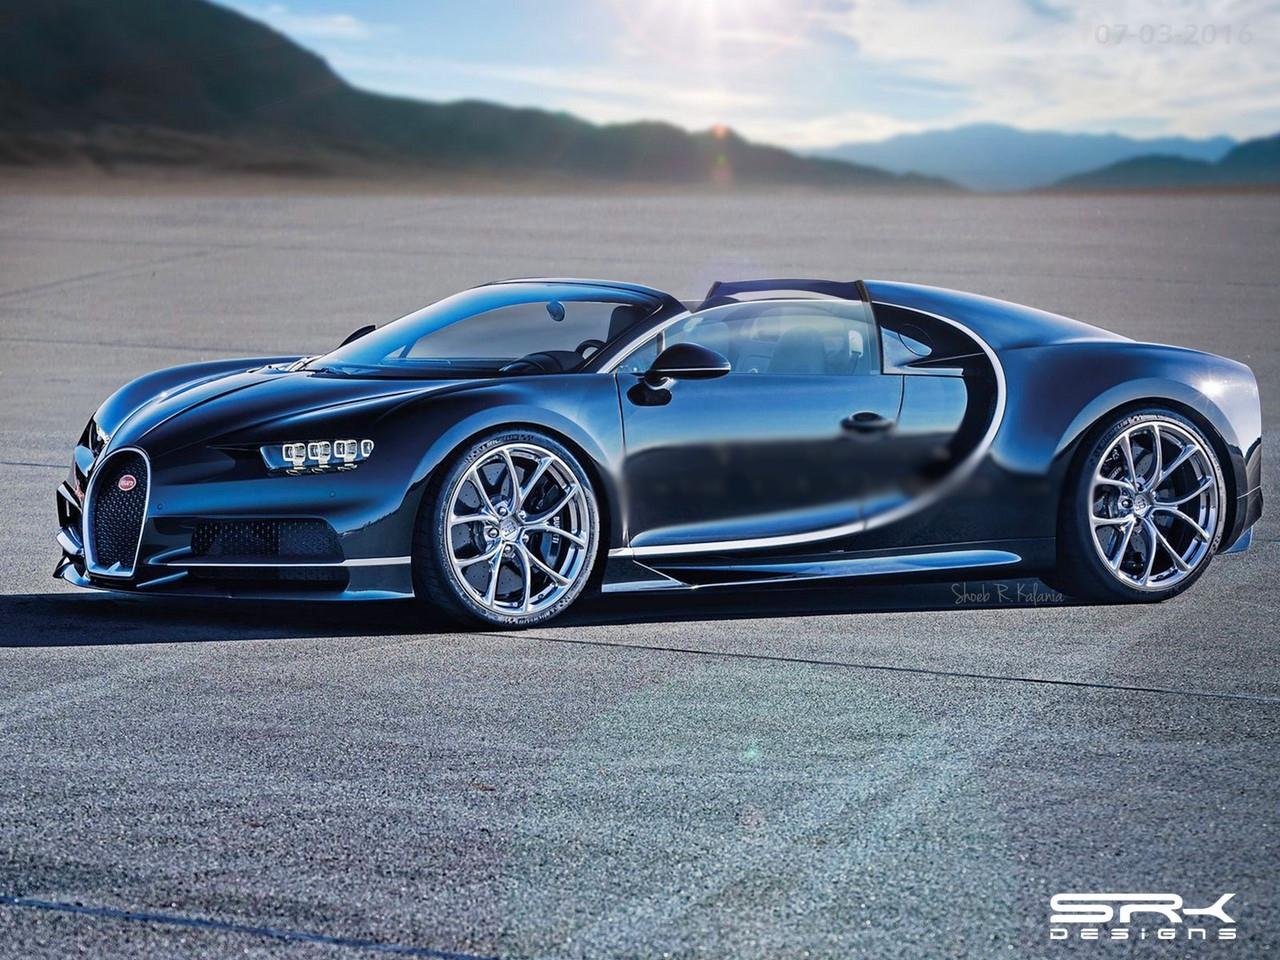 2018 Bugatti Chiron Grand Sport The Convertible Version